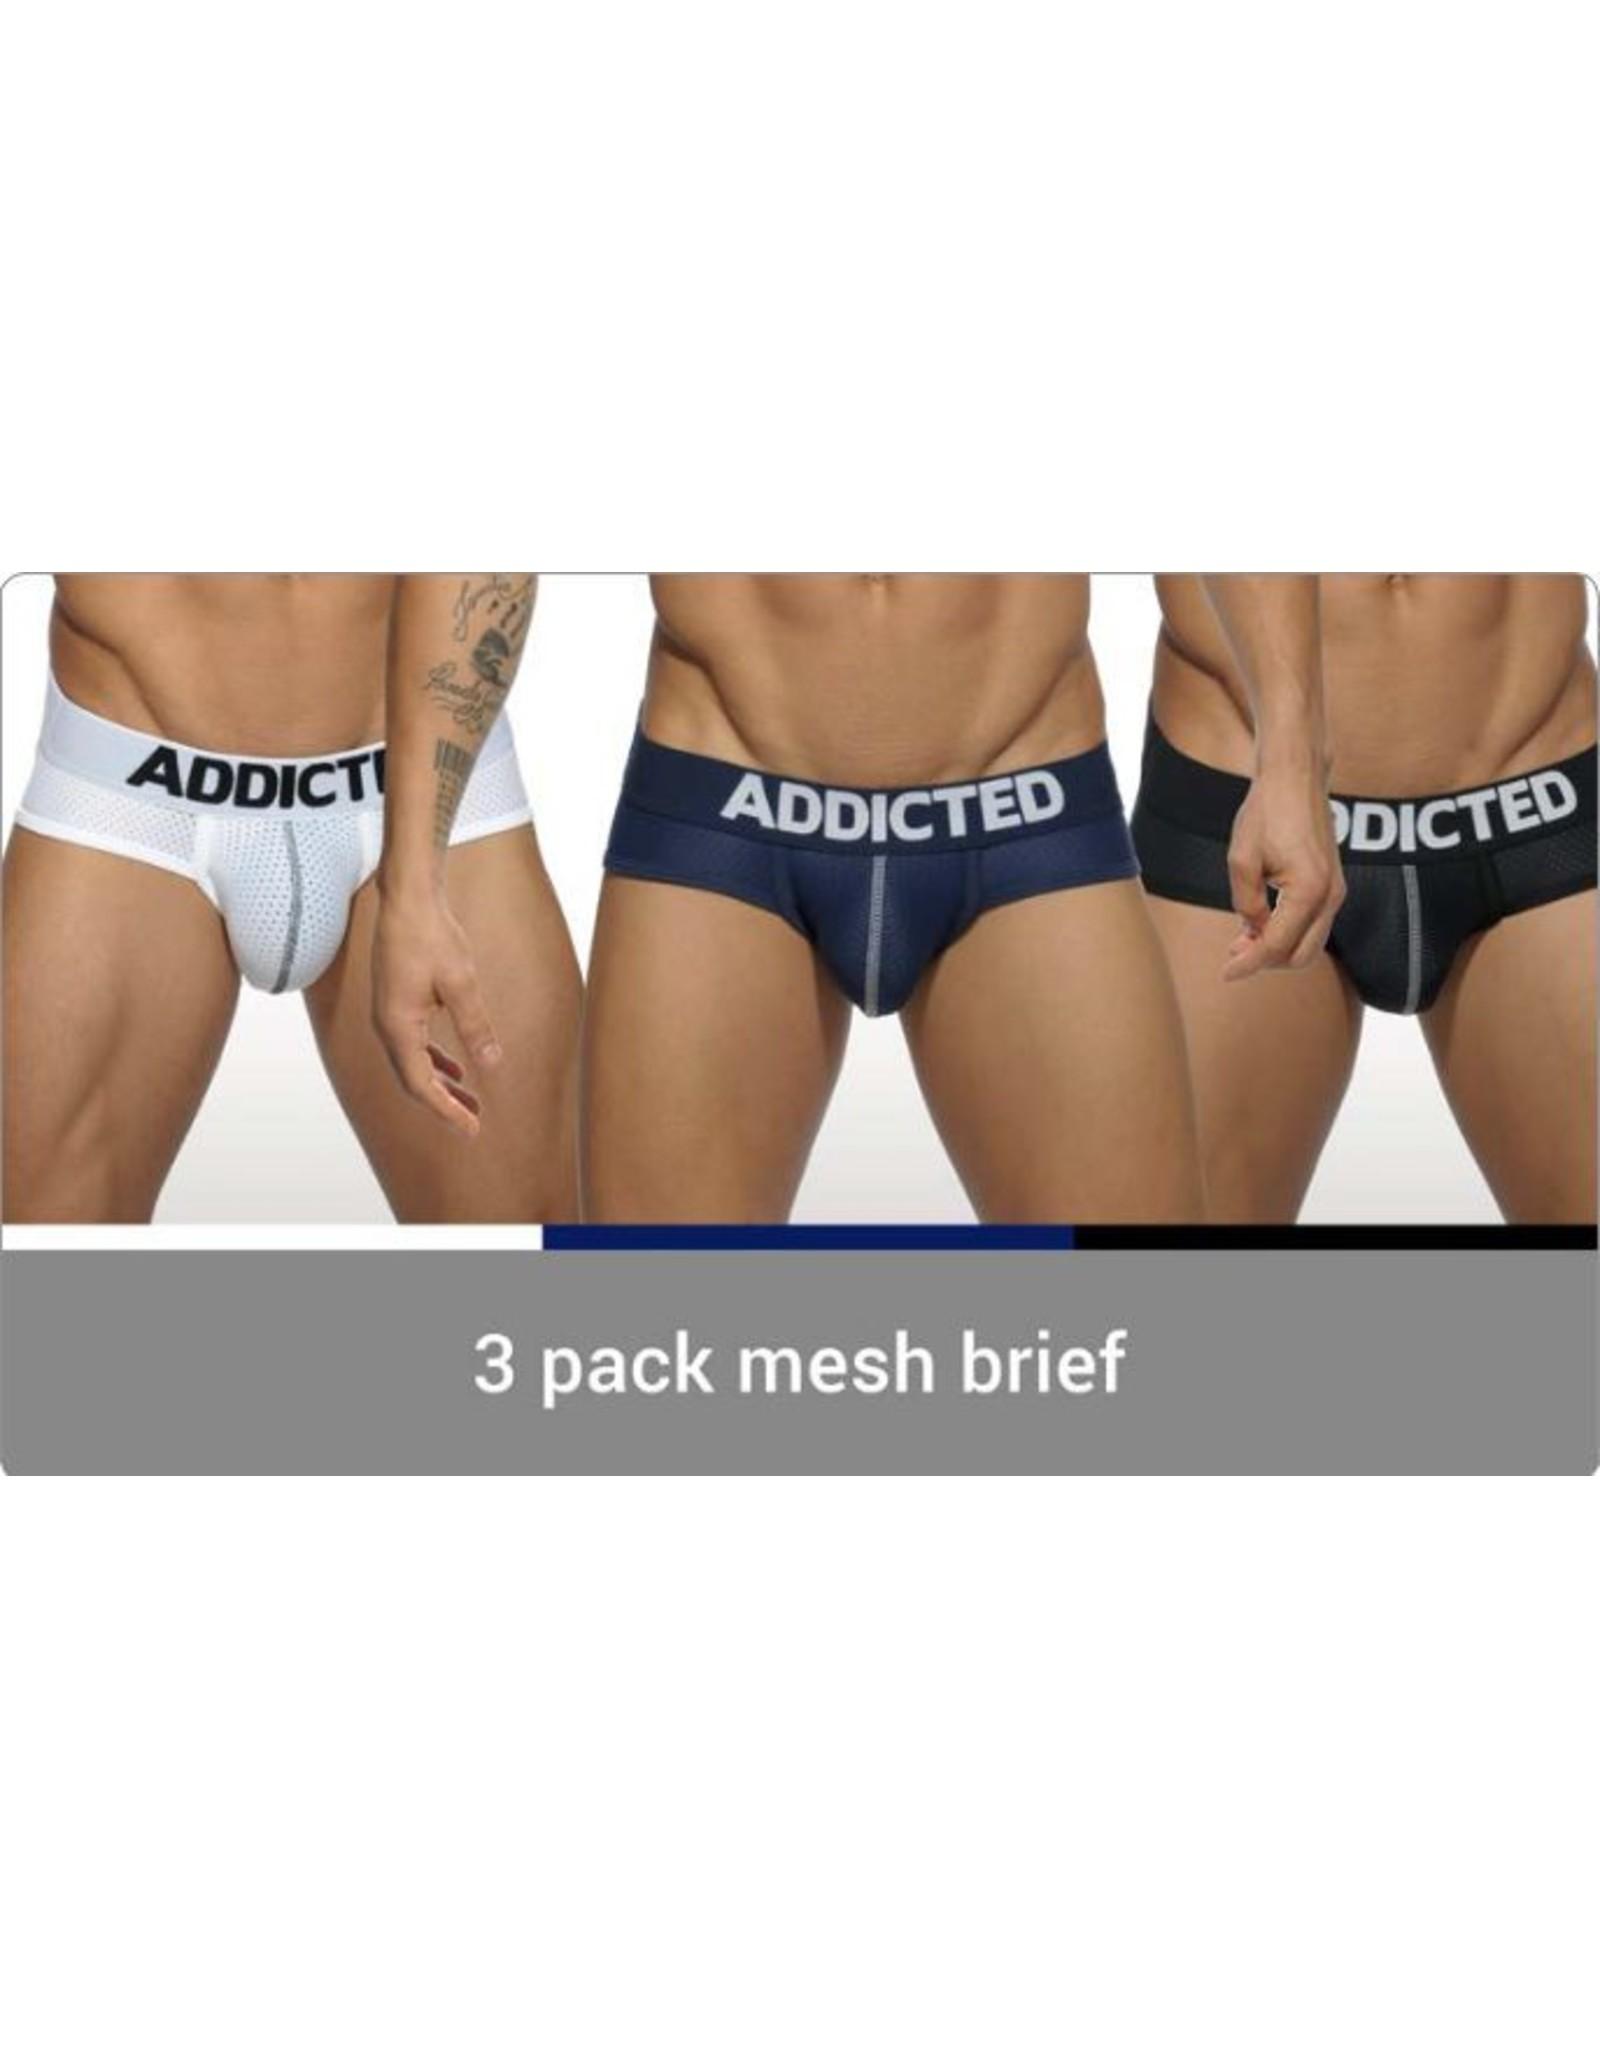 Addicted ADDICTED 3 Pack Mesh Brief Push up